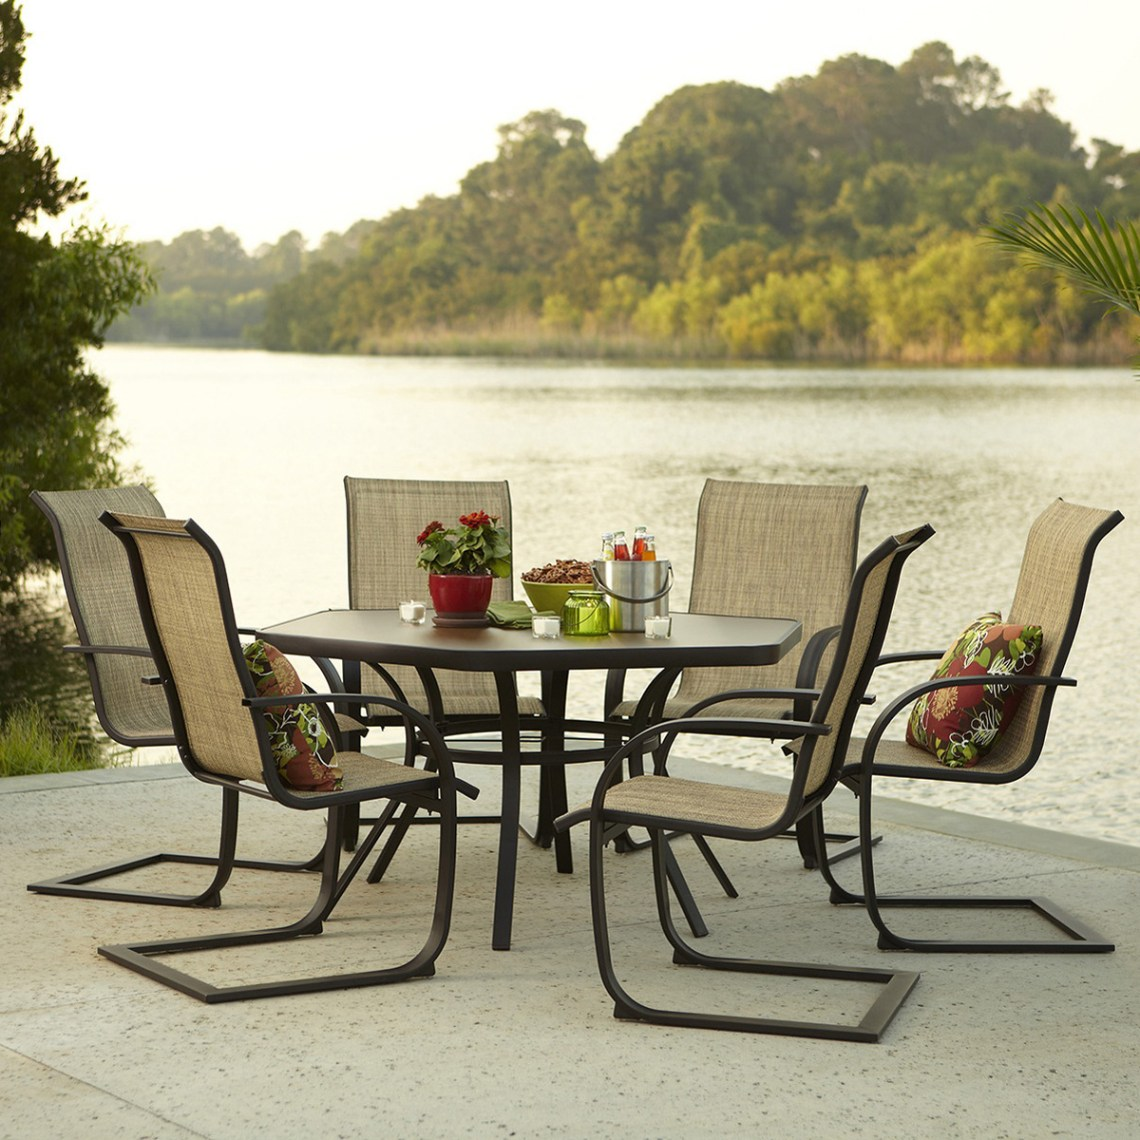 Image Result For Art Van Outdoor Furniture